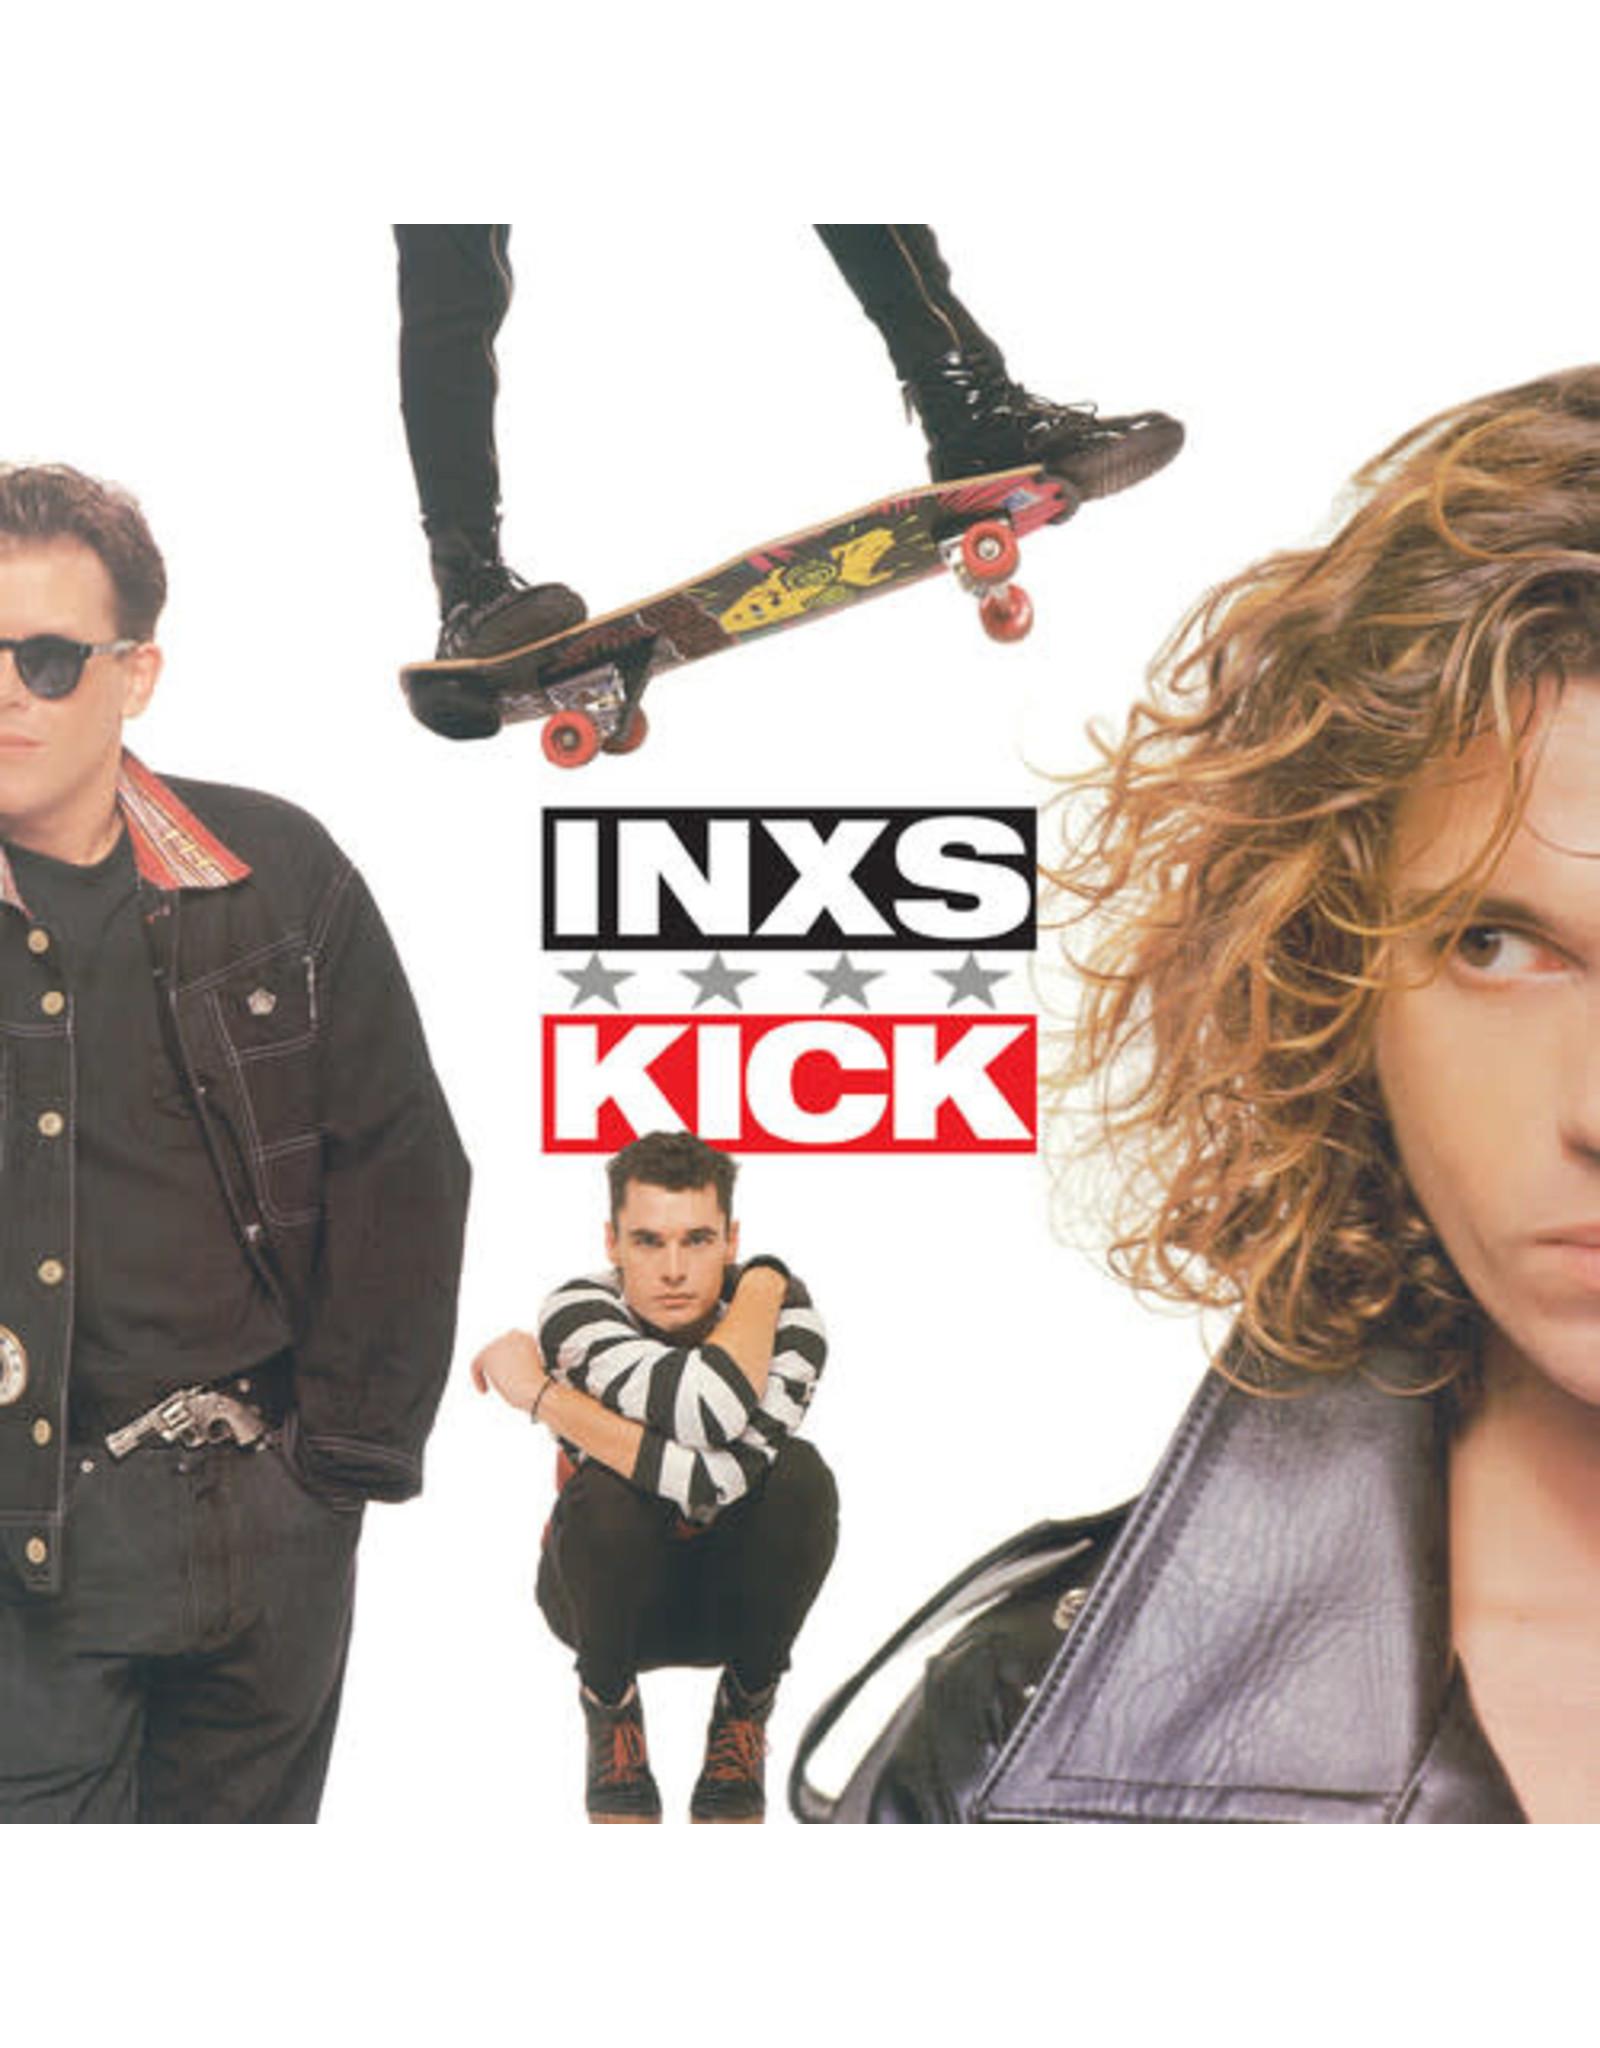 New Vinyl INXS - Kick LP